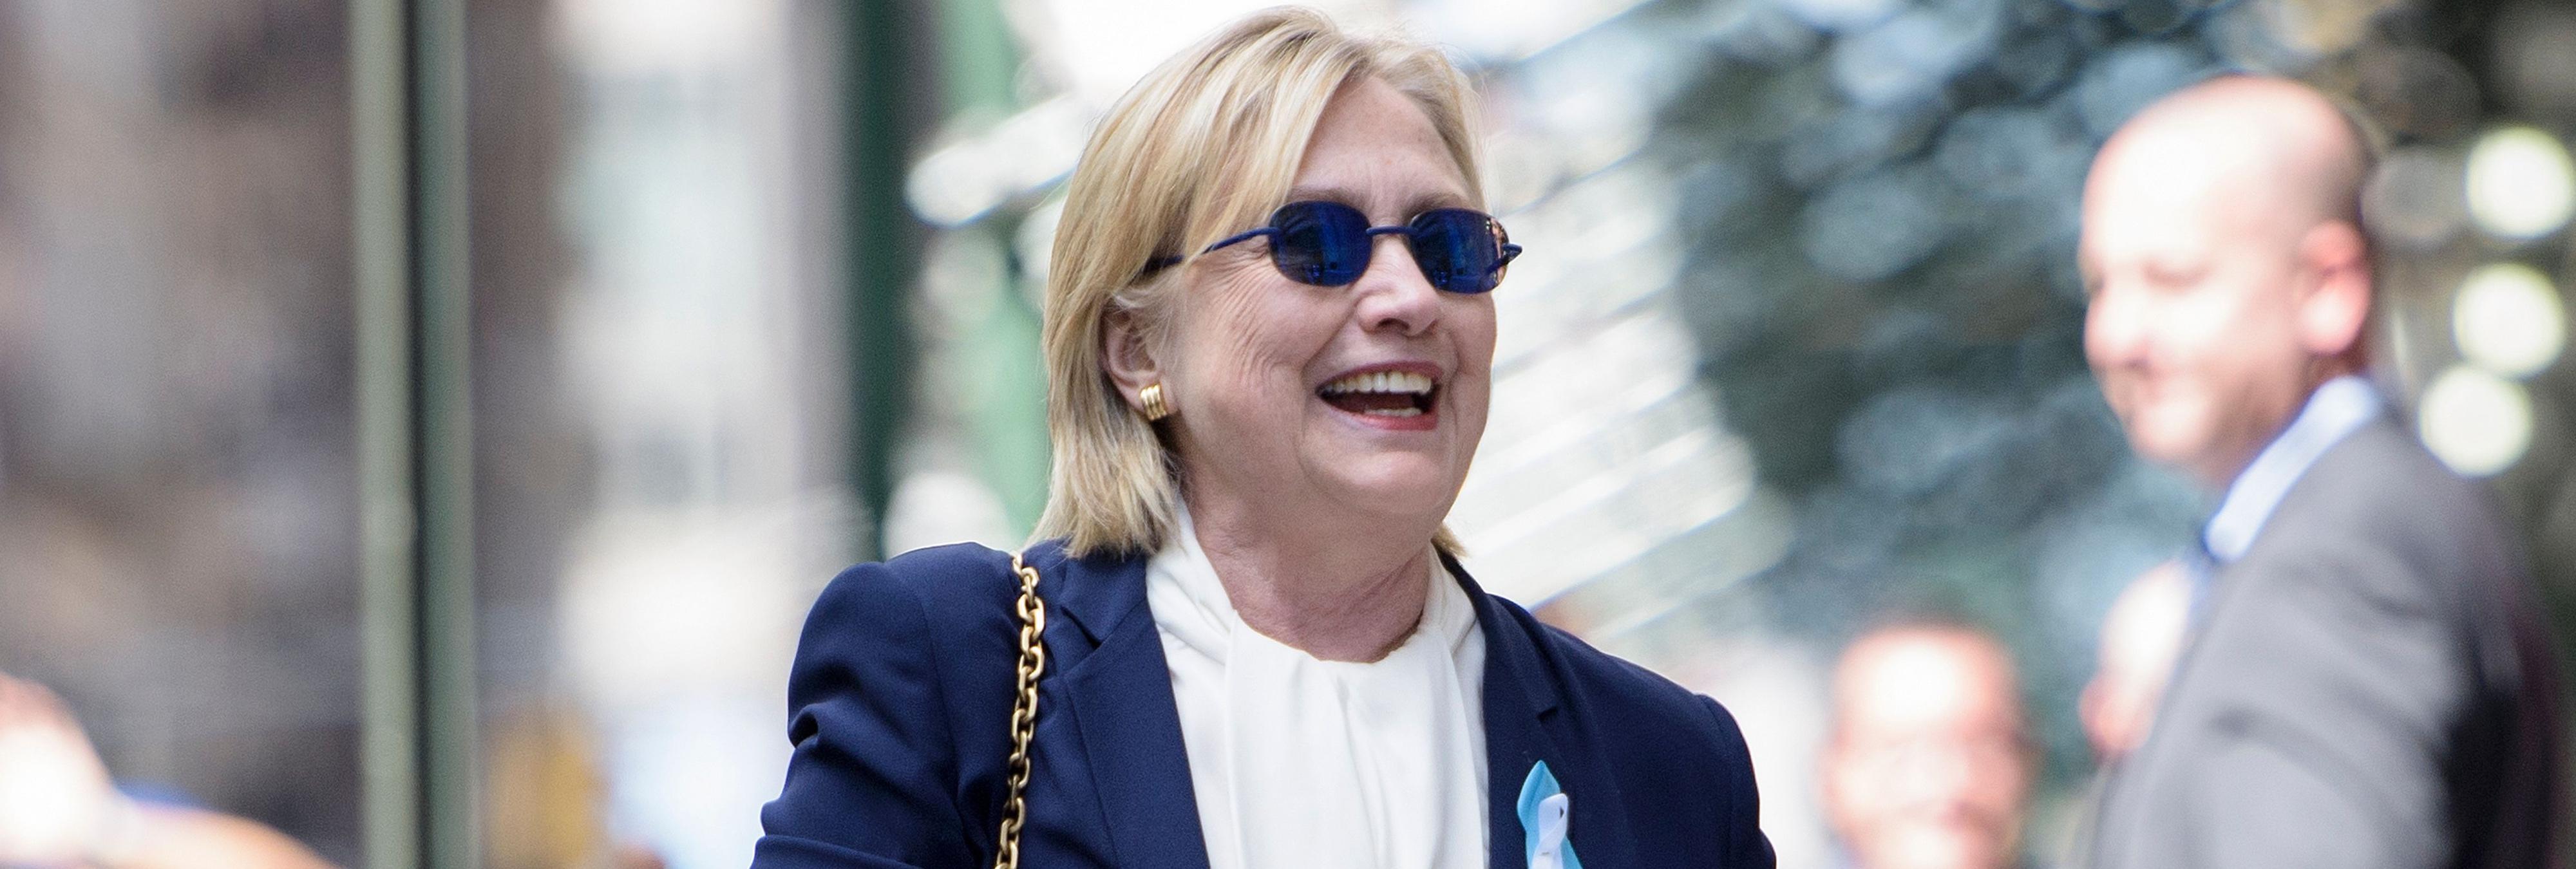 Internet piensa que Hillary Clinton ha sido reemplazada por una doble tras su desmayo